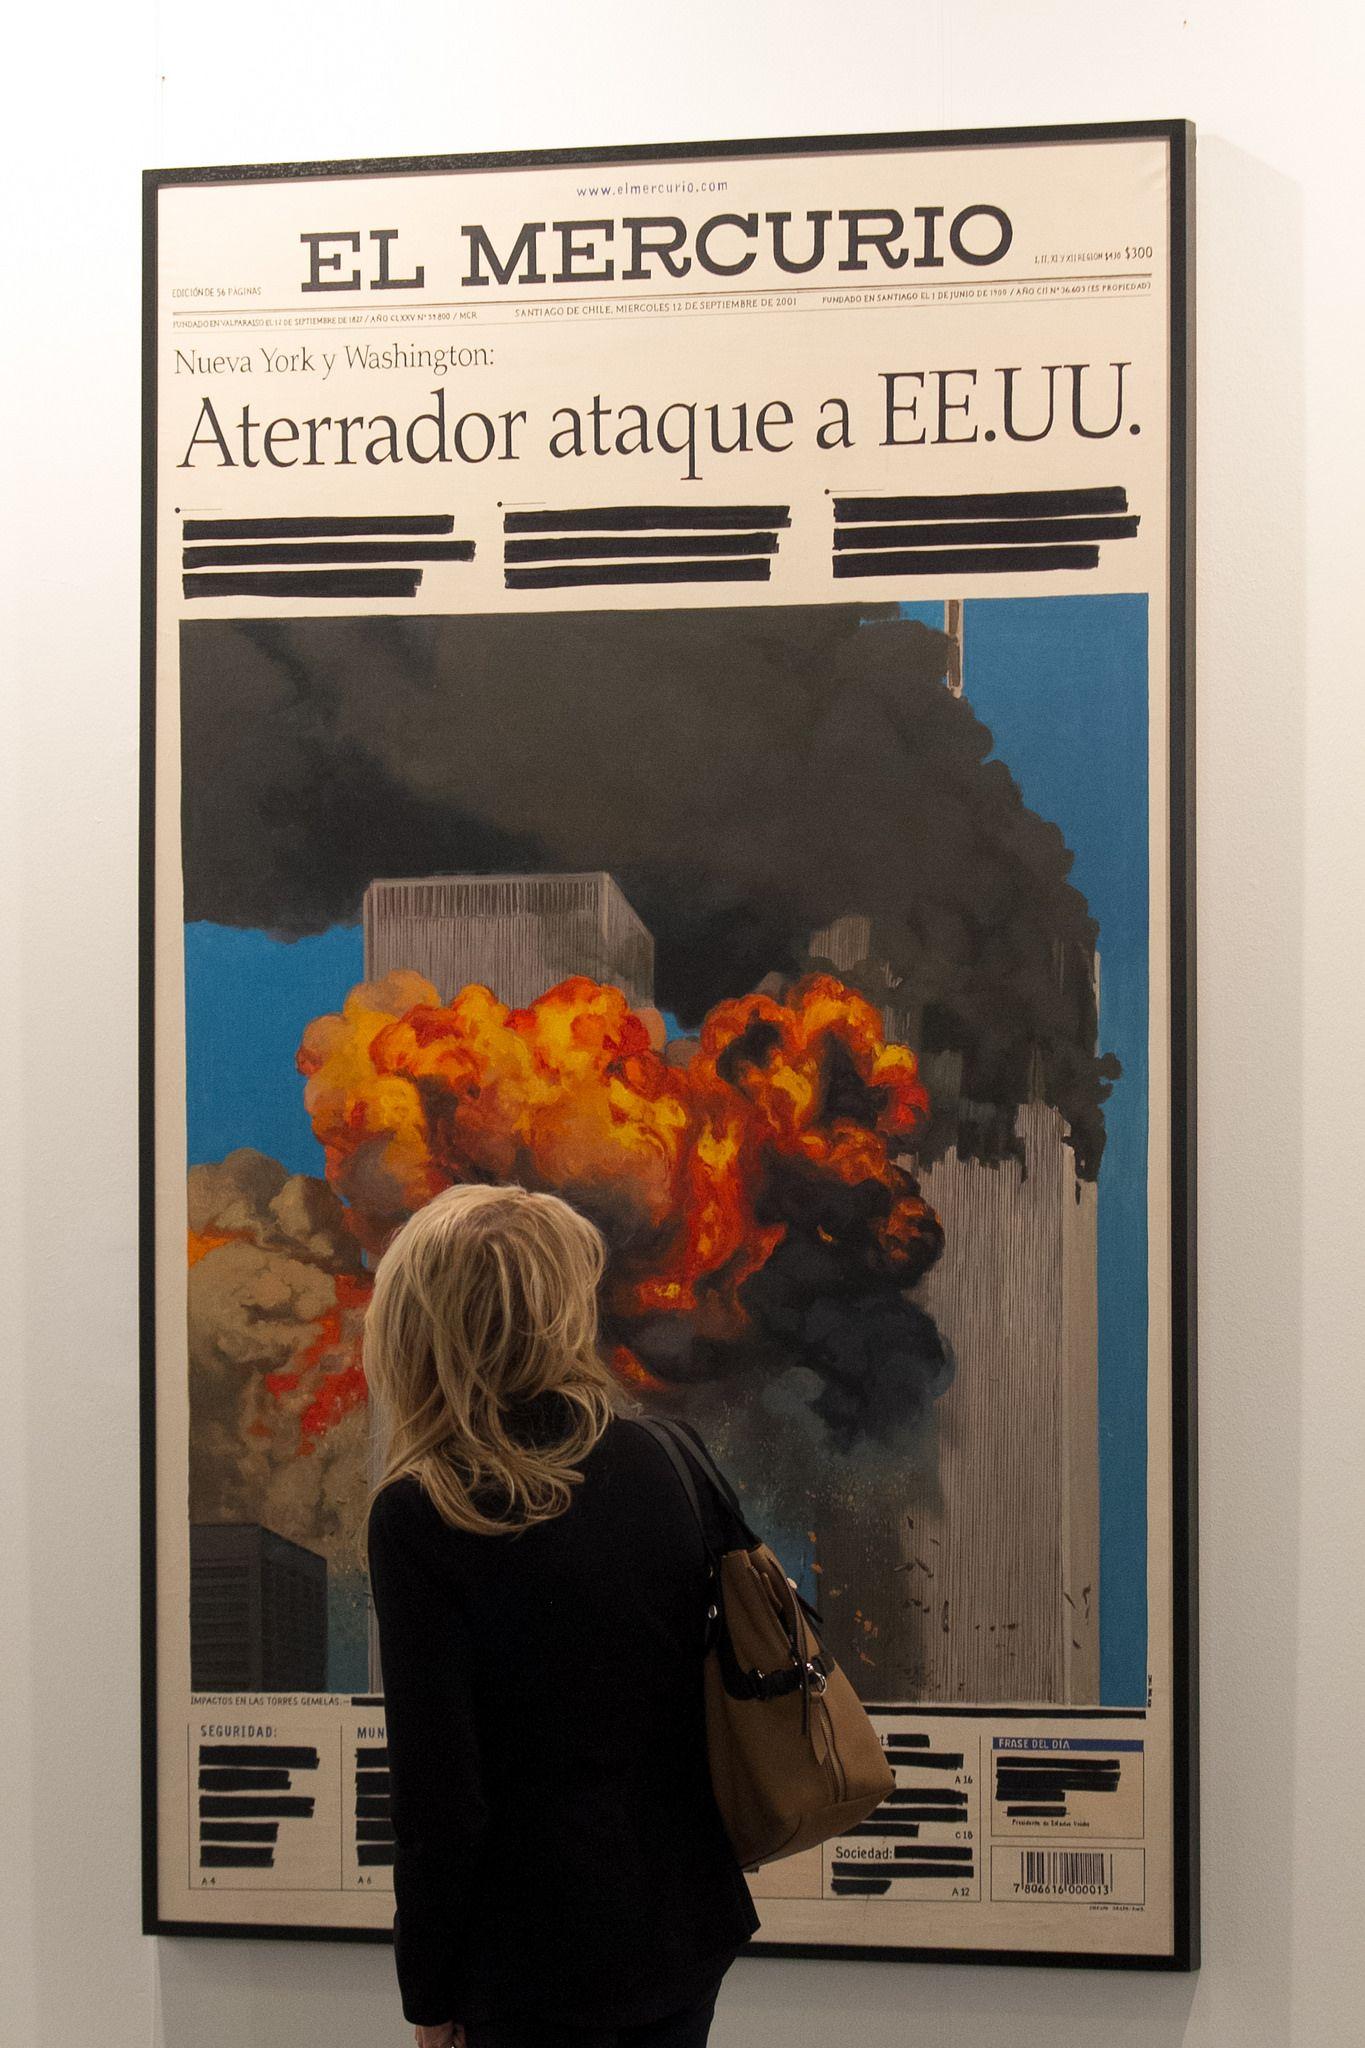 Voluspa Jarpa, De la serie Desclasificados, 2003, óleo sobre tela. Cortesía: galería Isabel Aninat. Foto: arteBA Fundación